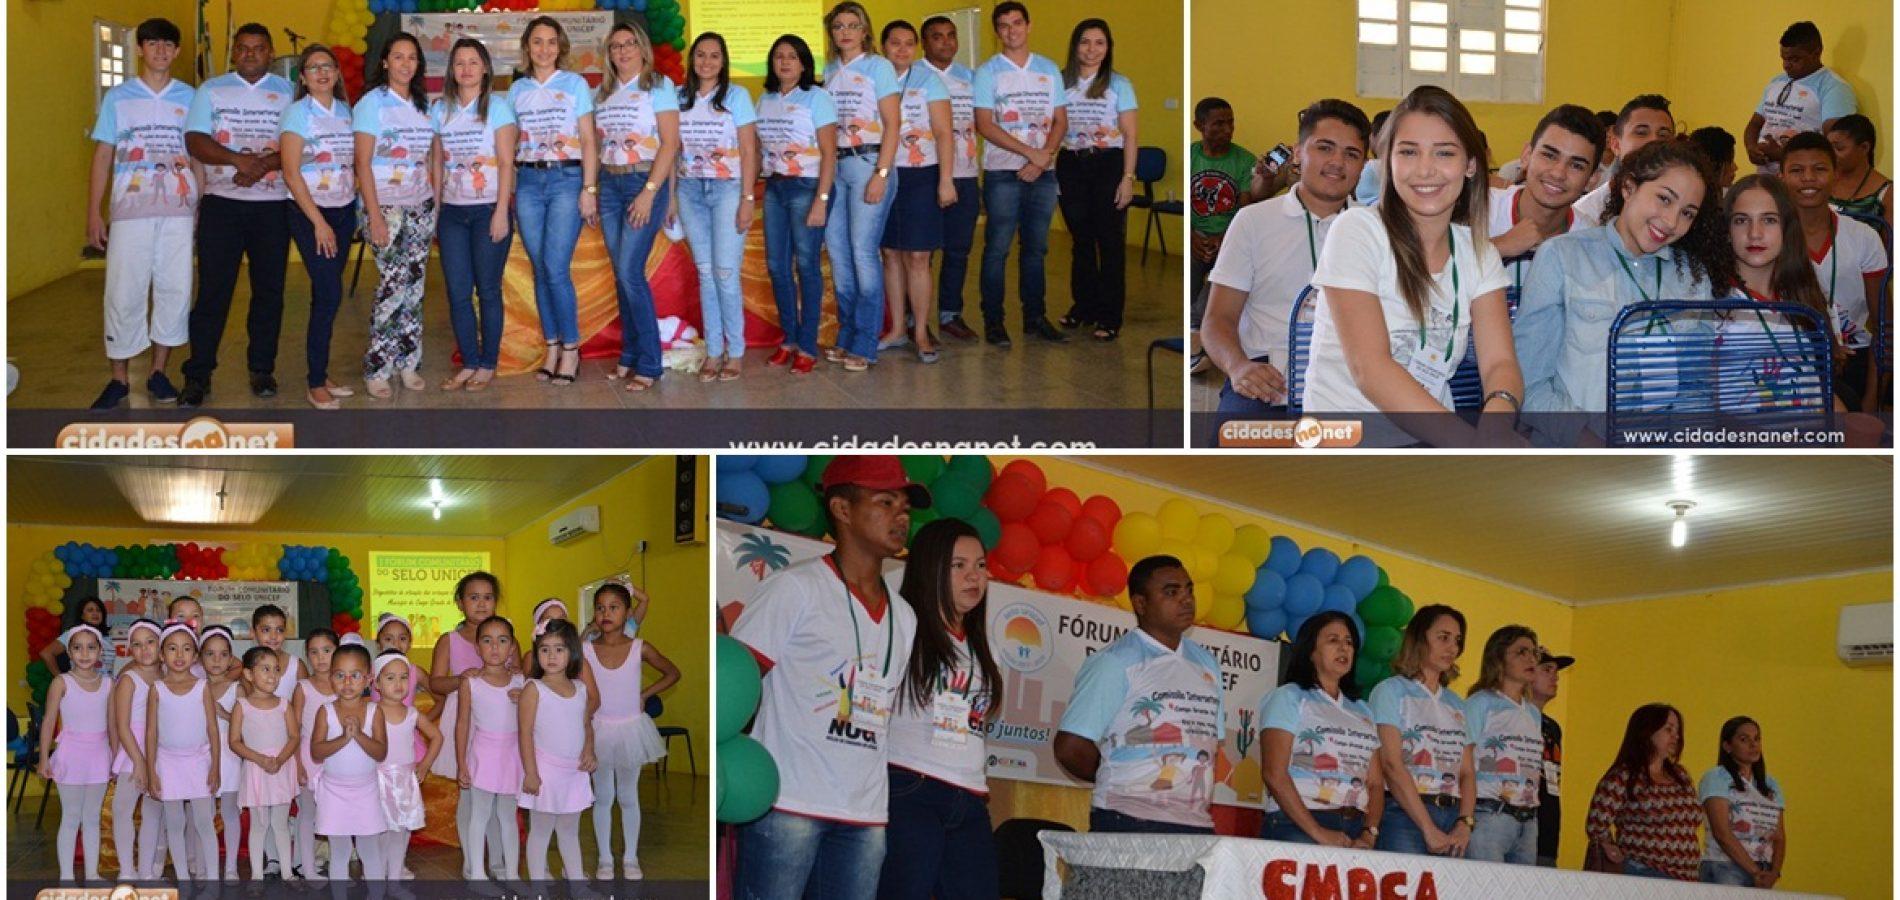 CAMPO GRANDE | Fórum Comunitário discute políticas públicas para a criança e o adolescente